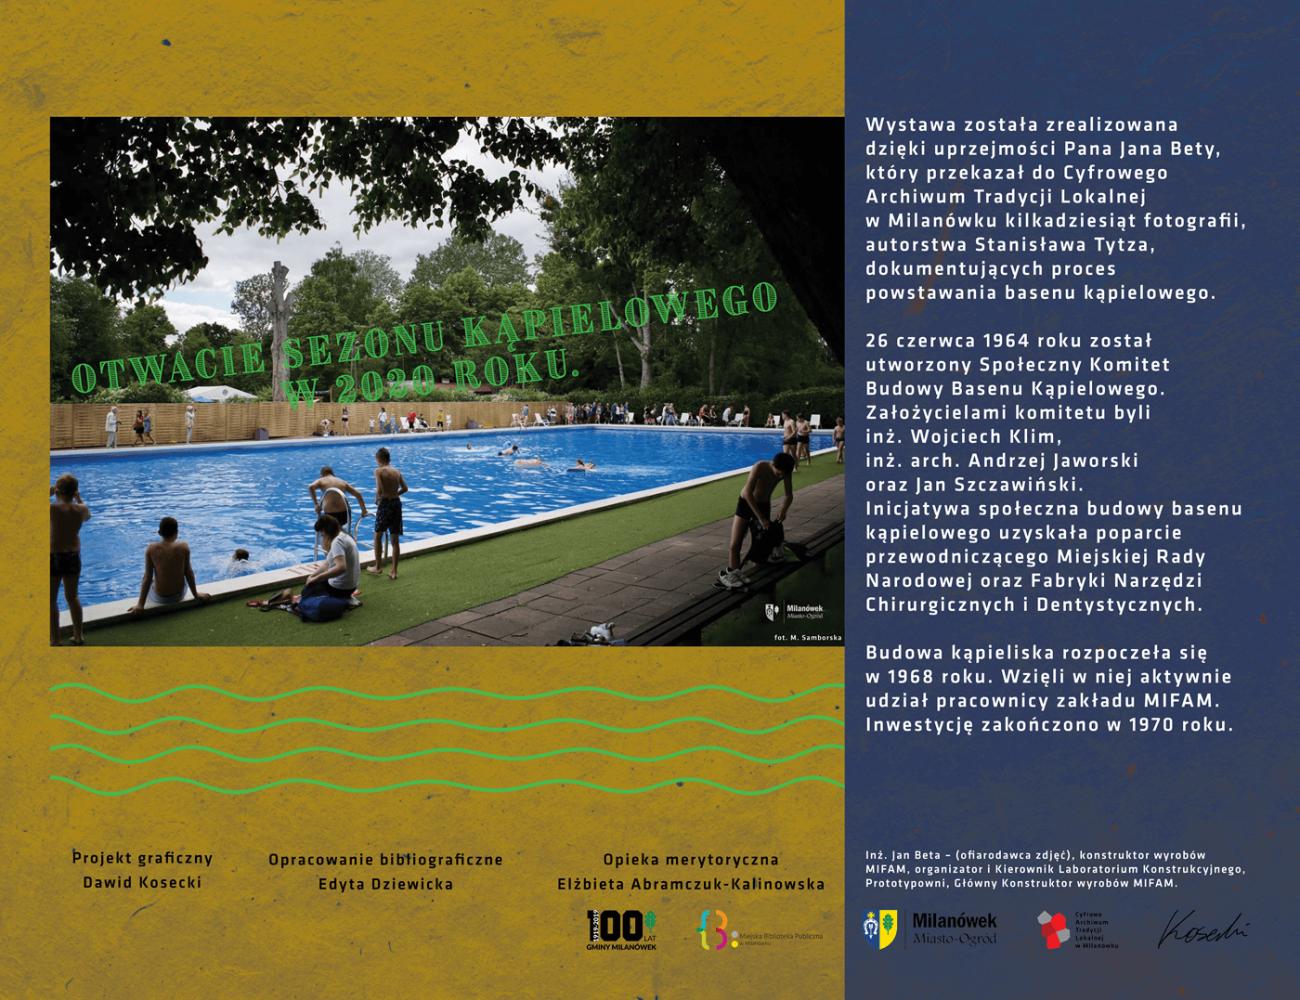 Otwarcie sezonu kąpielowego w2020 roku